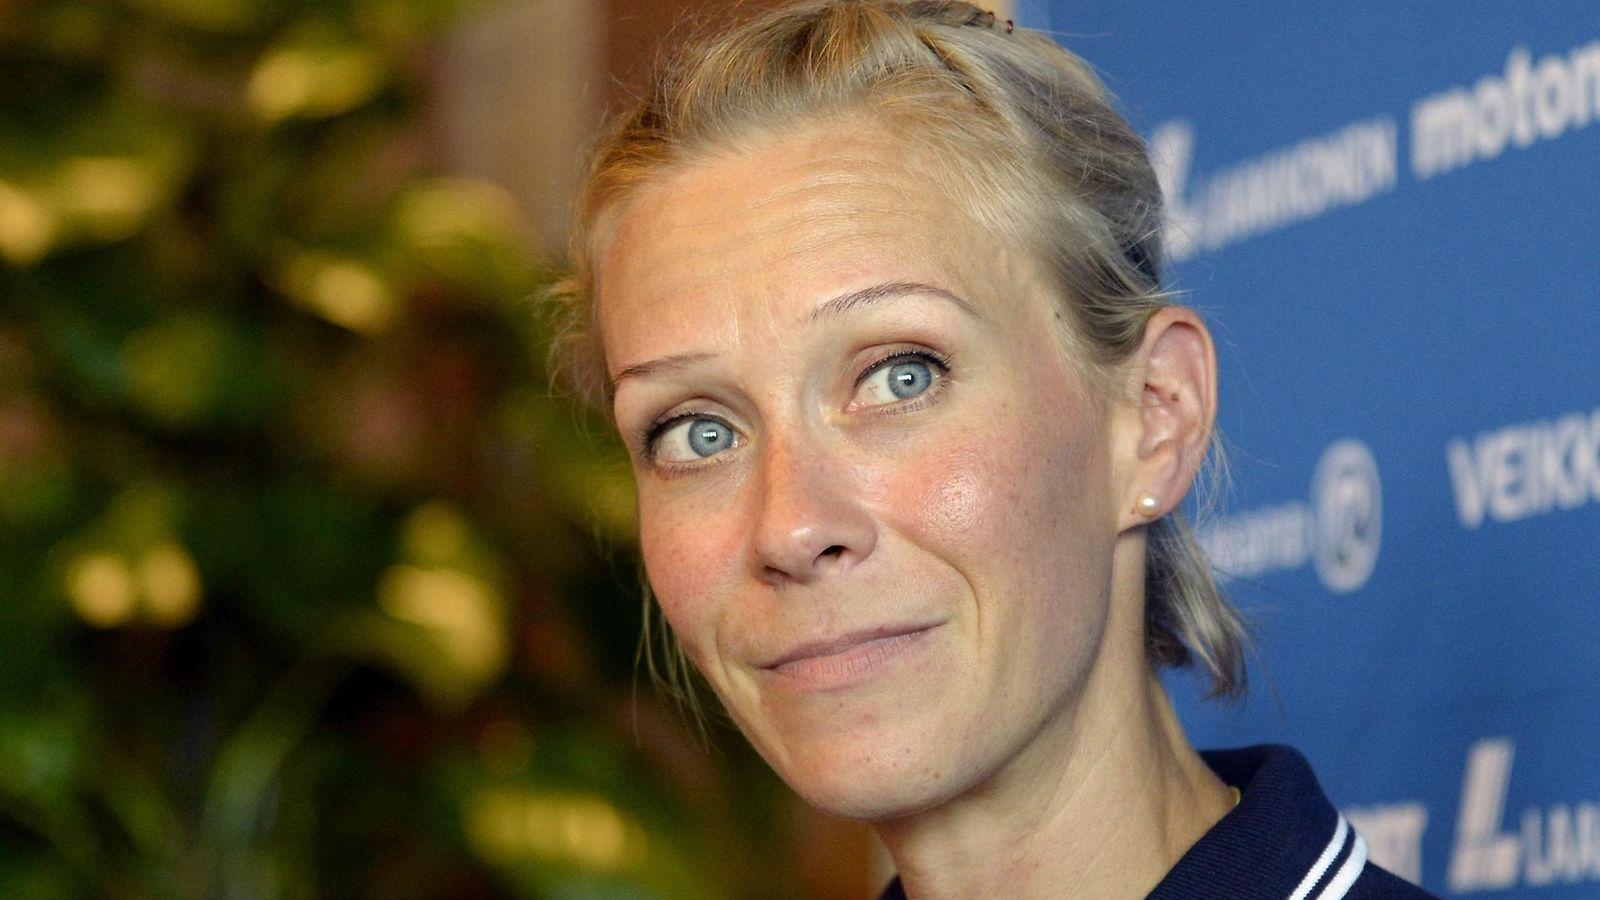 suomalaiset seksikuvat yleisurheilu tulokset